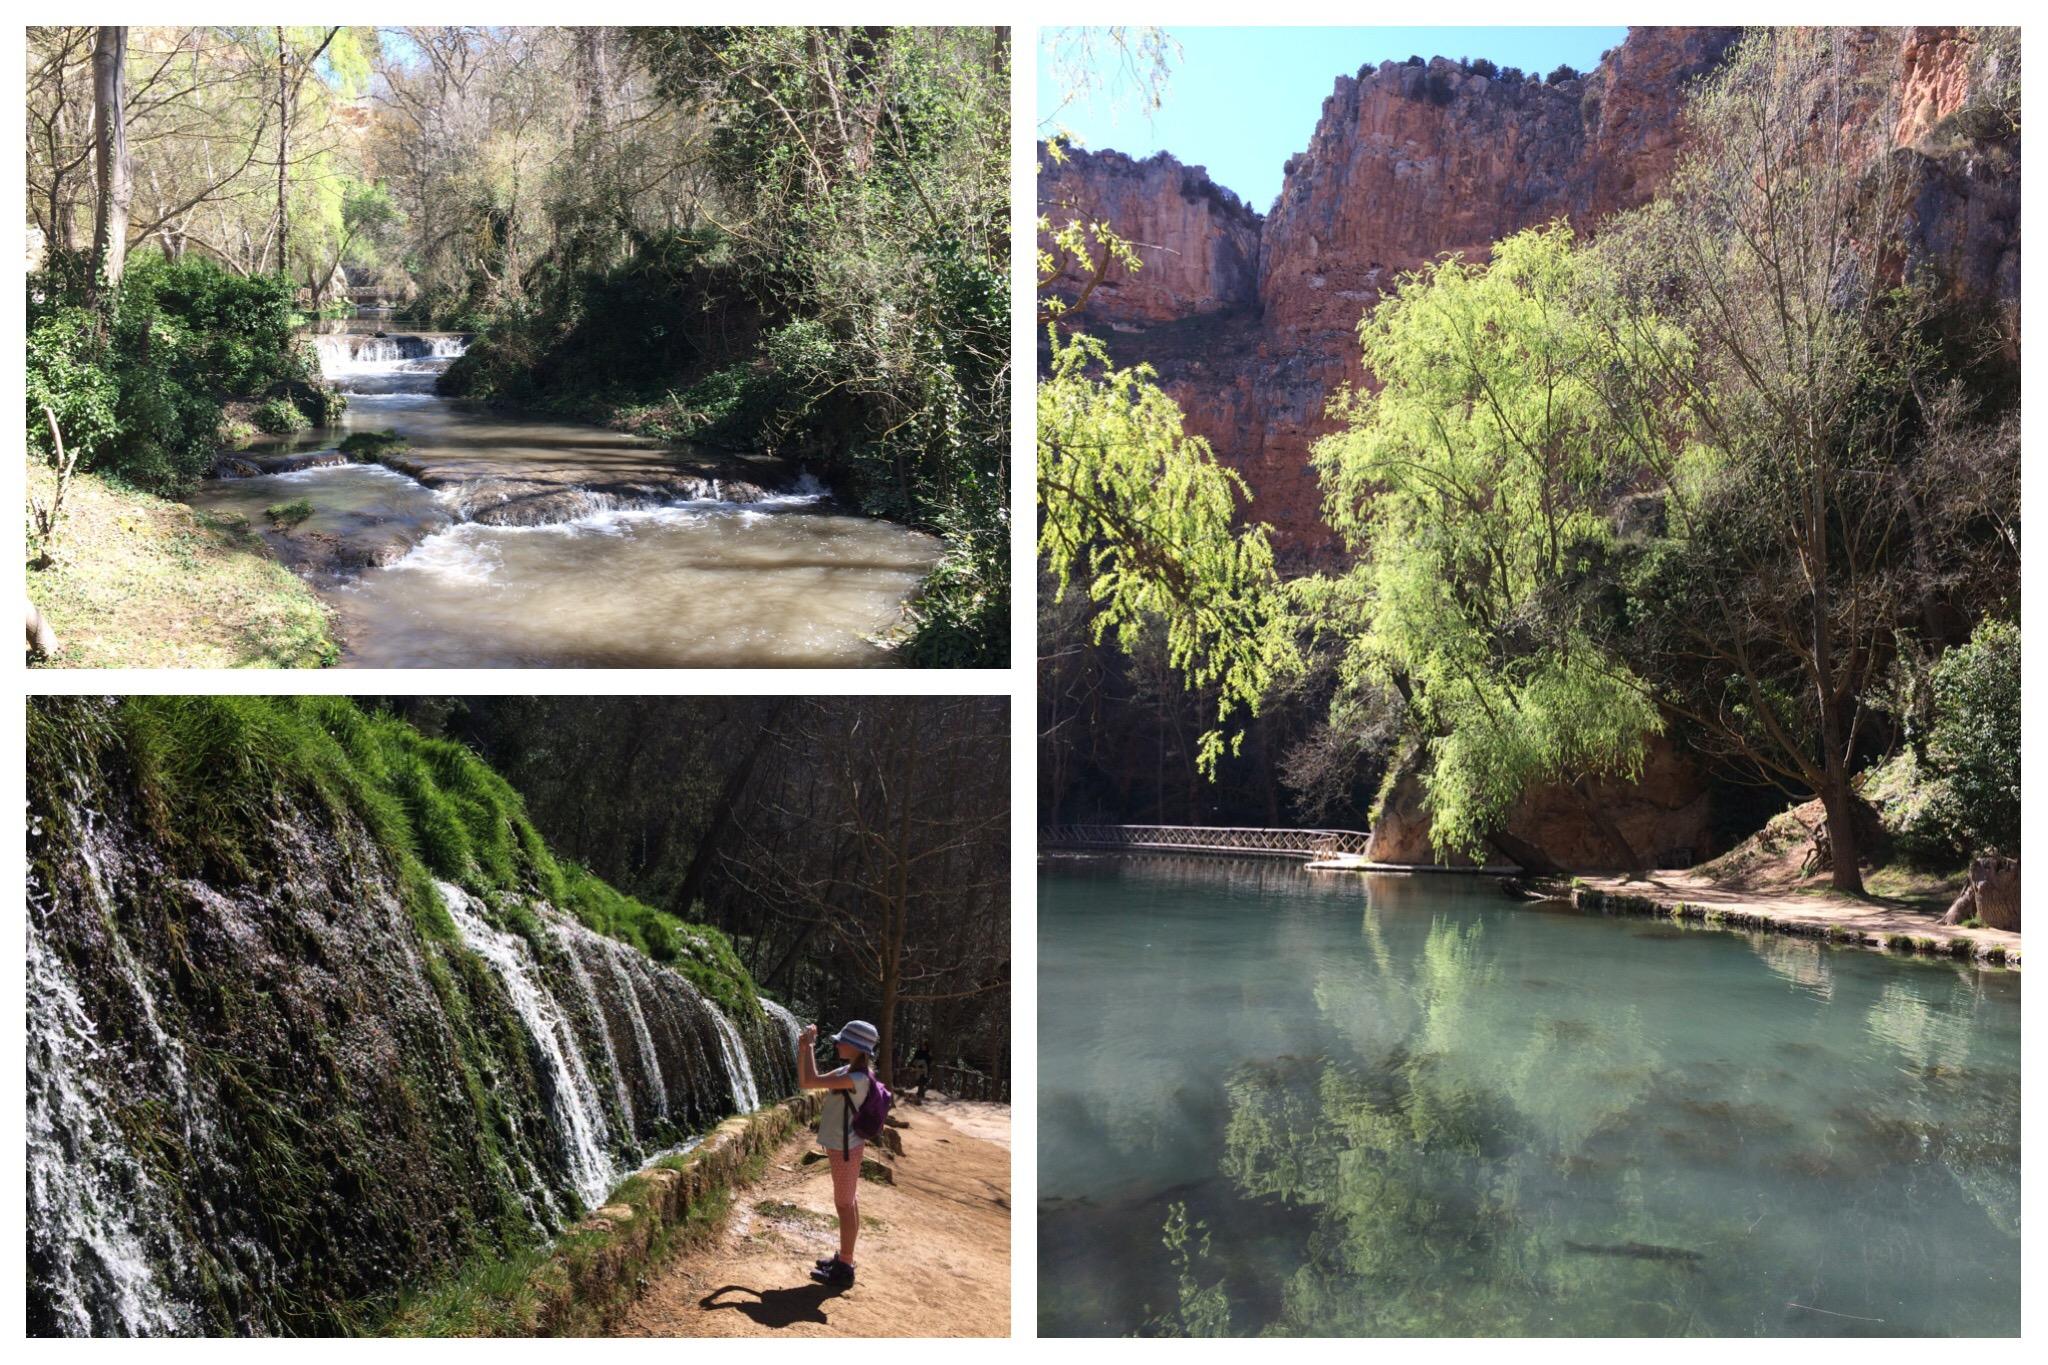 Monasterio de Piedra waterfalls and ponds